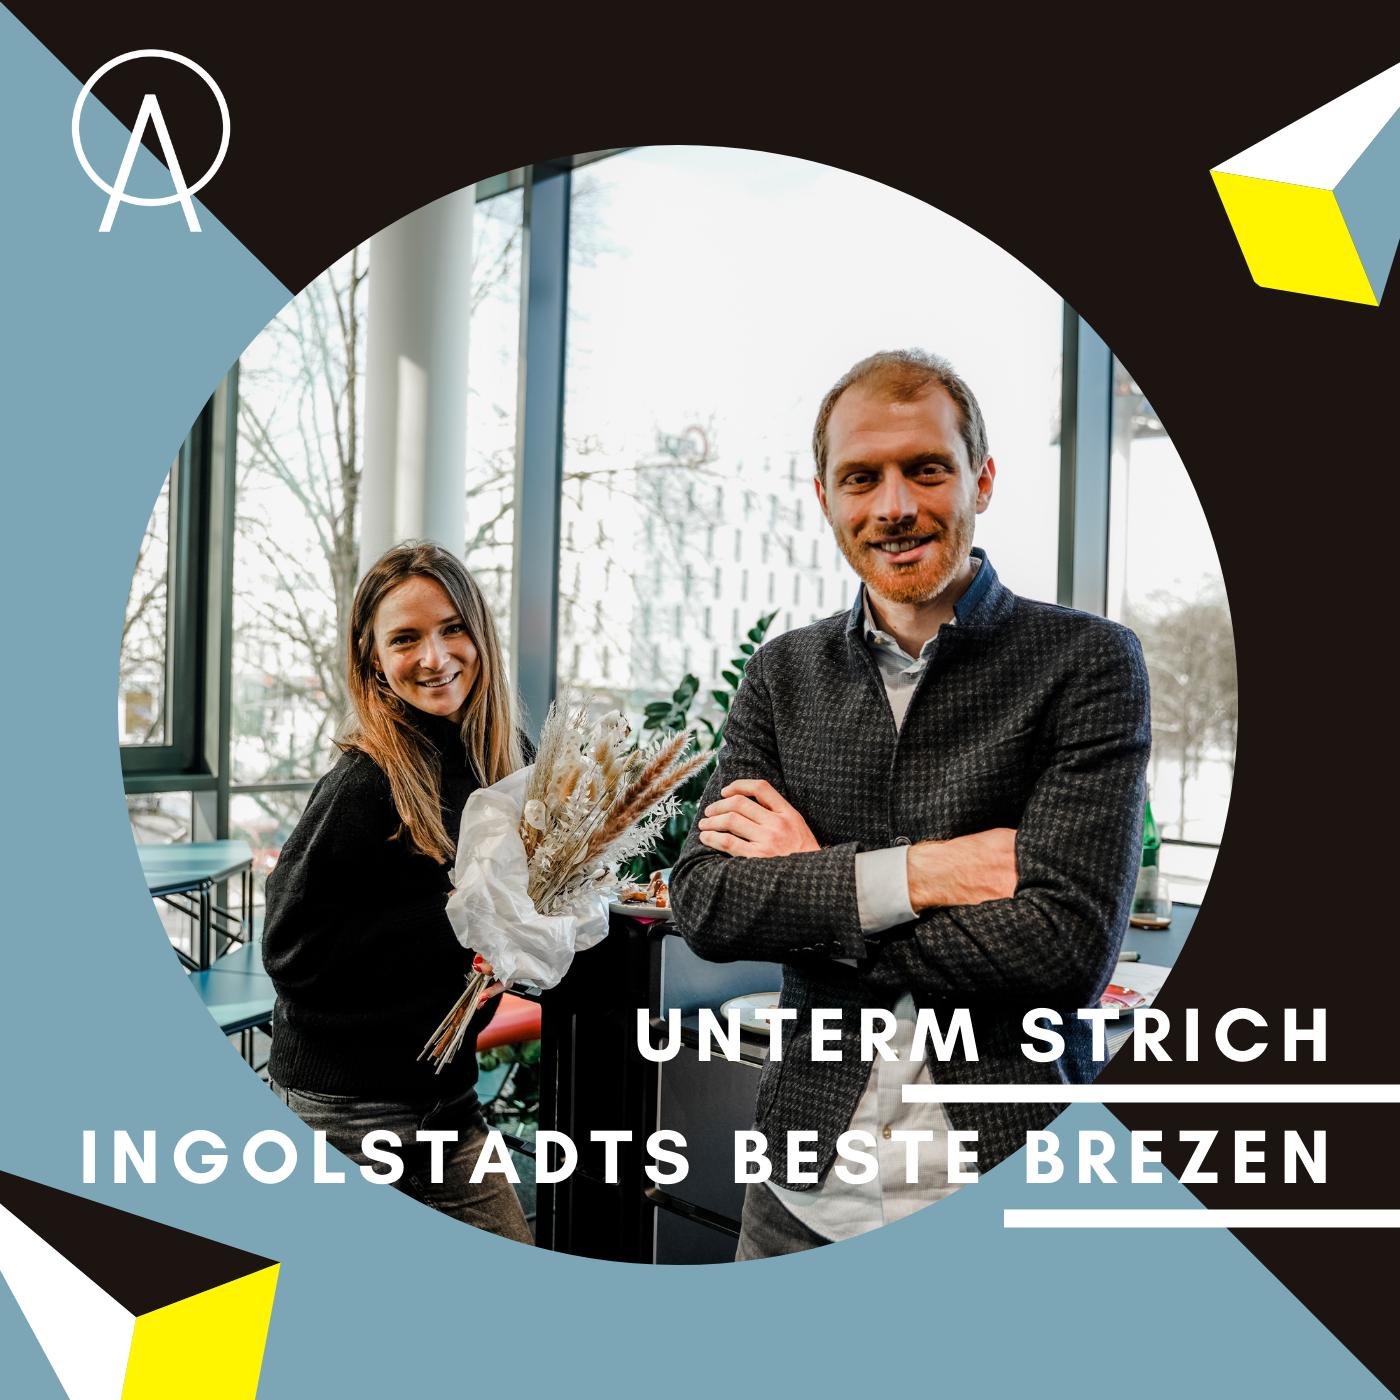 Unterm Strich Folge #041: Ingolstadts beste Brezen